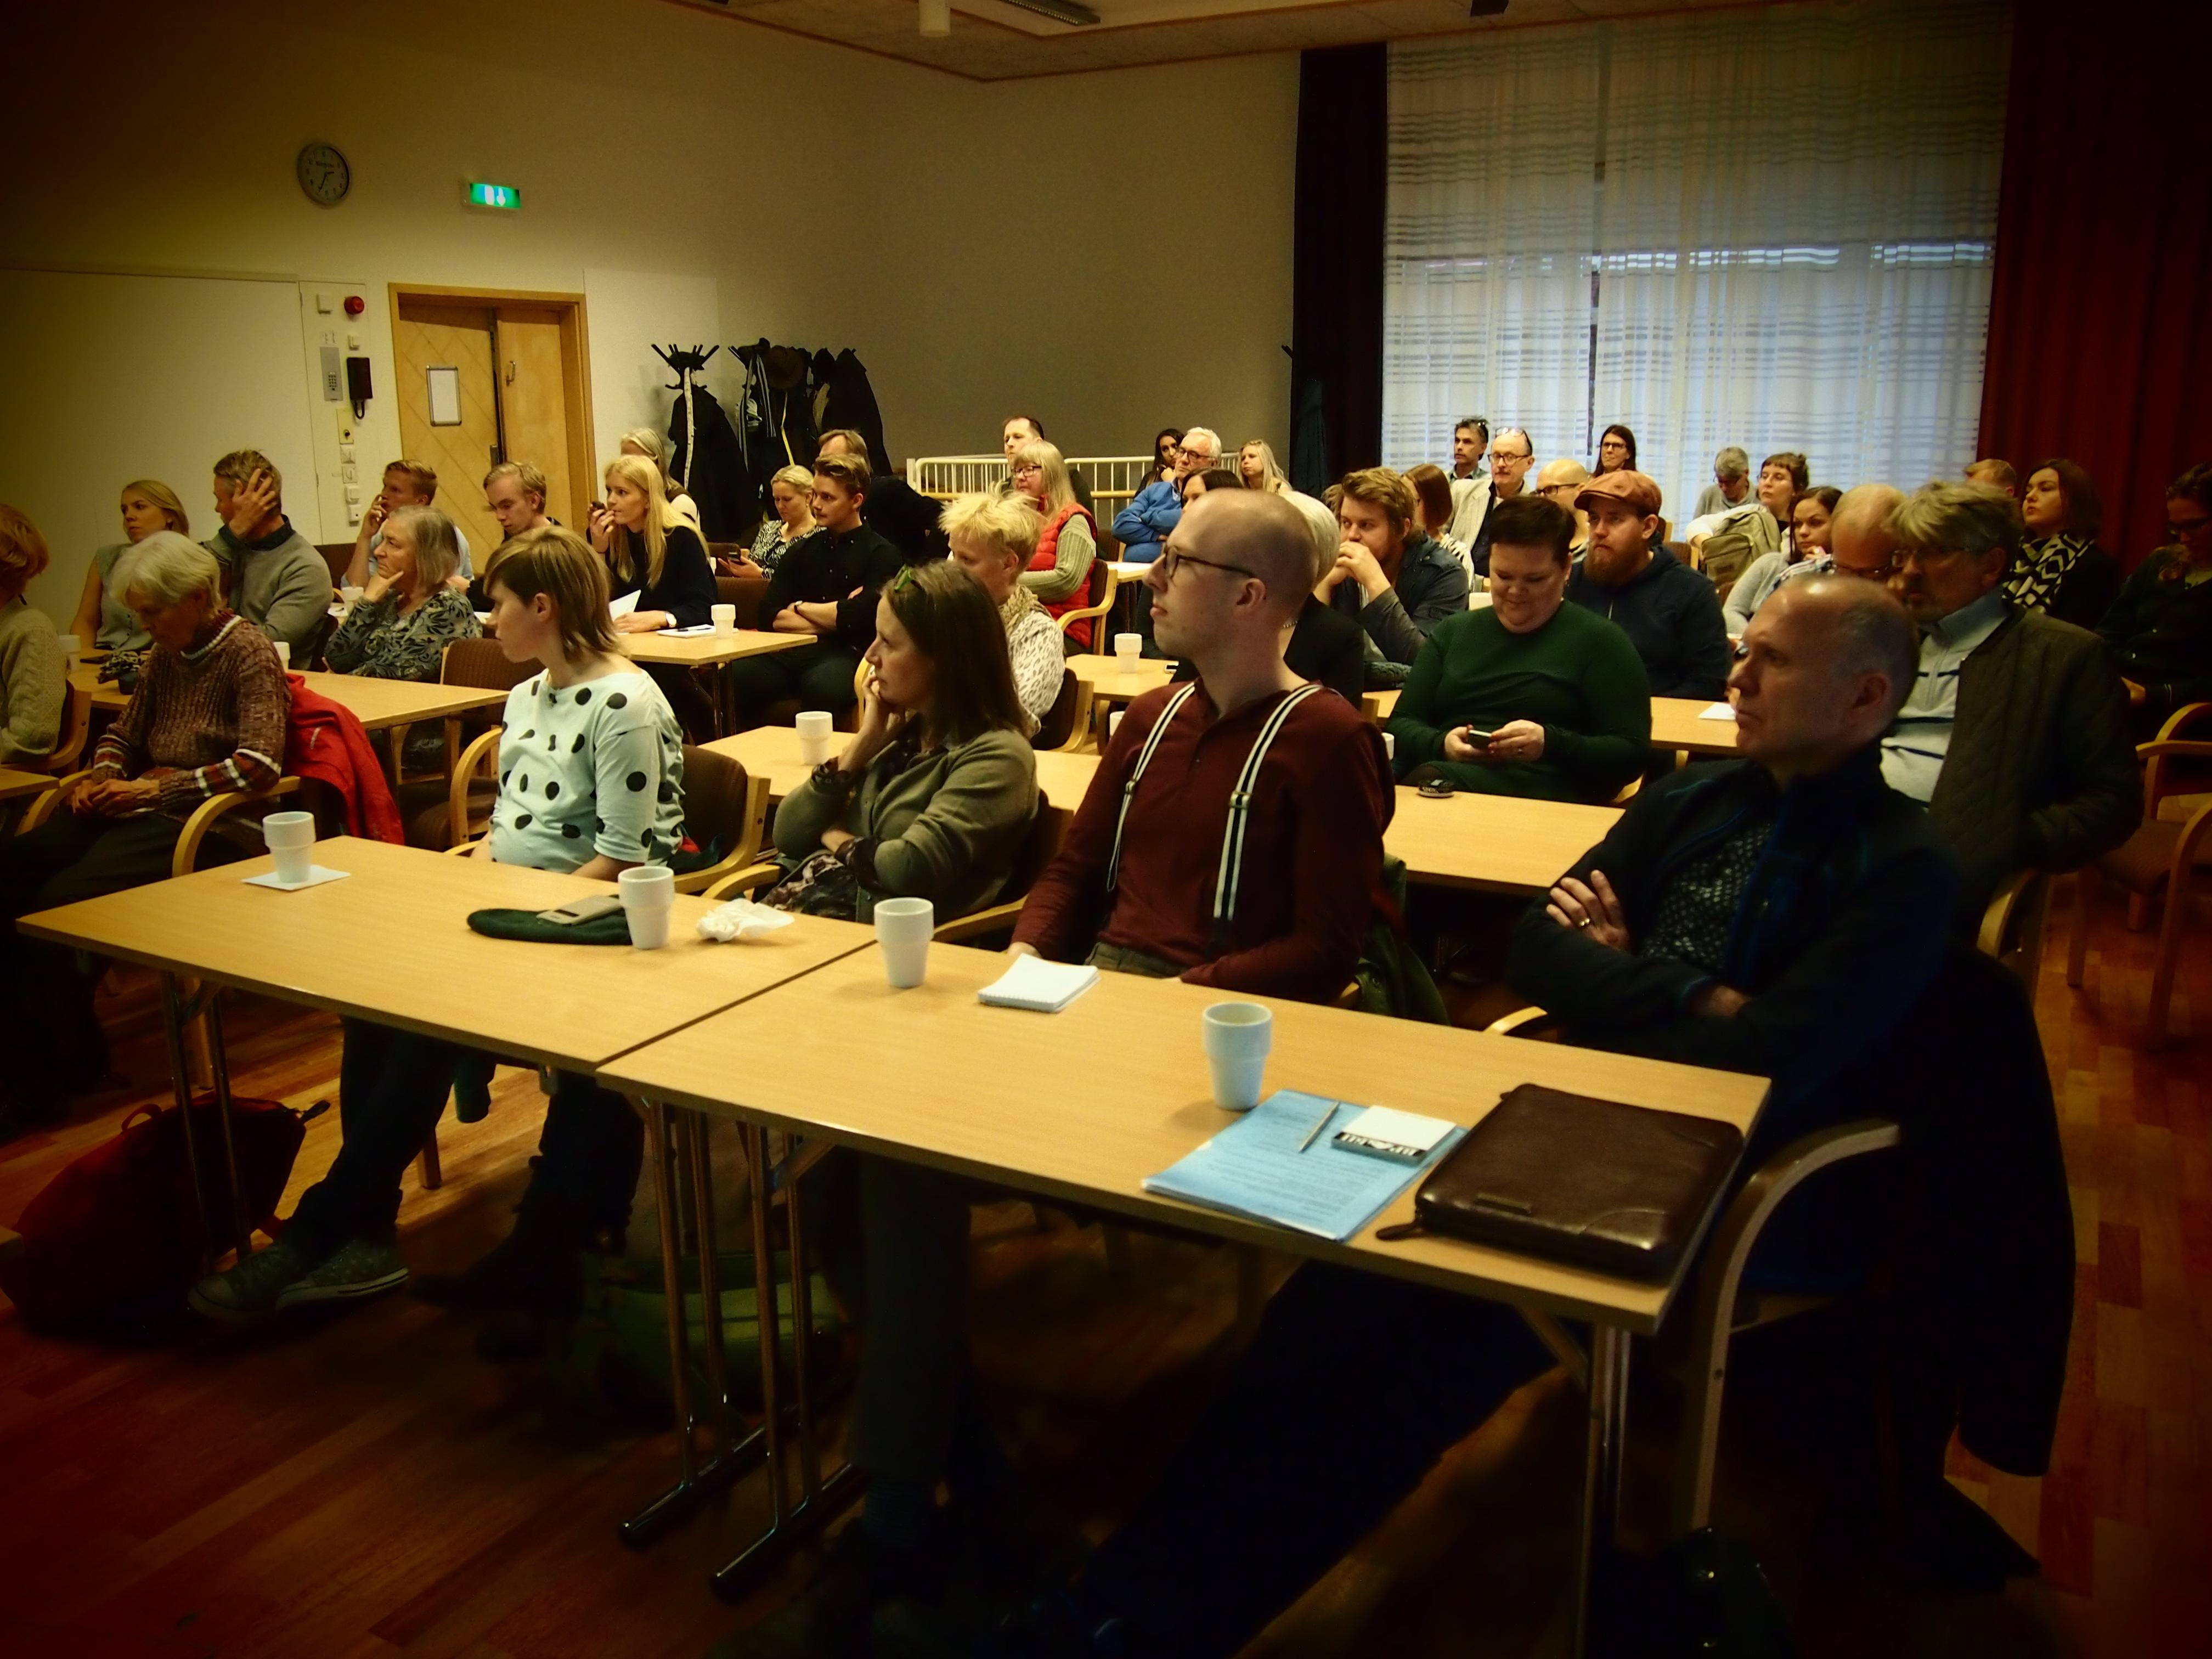 Журналистский семинар в Умео был посвящен 250-летию принятия в Швеции закона о свободе слова. Фото: Валерий Поташов